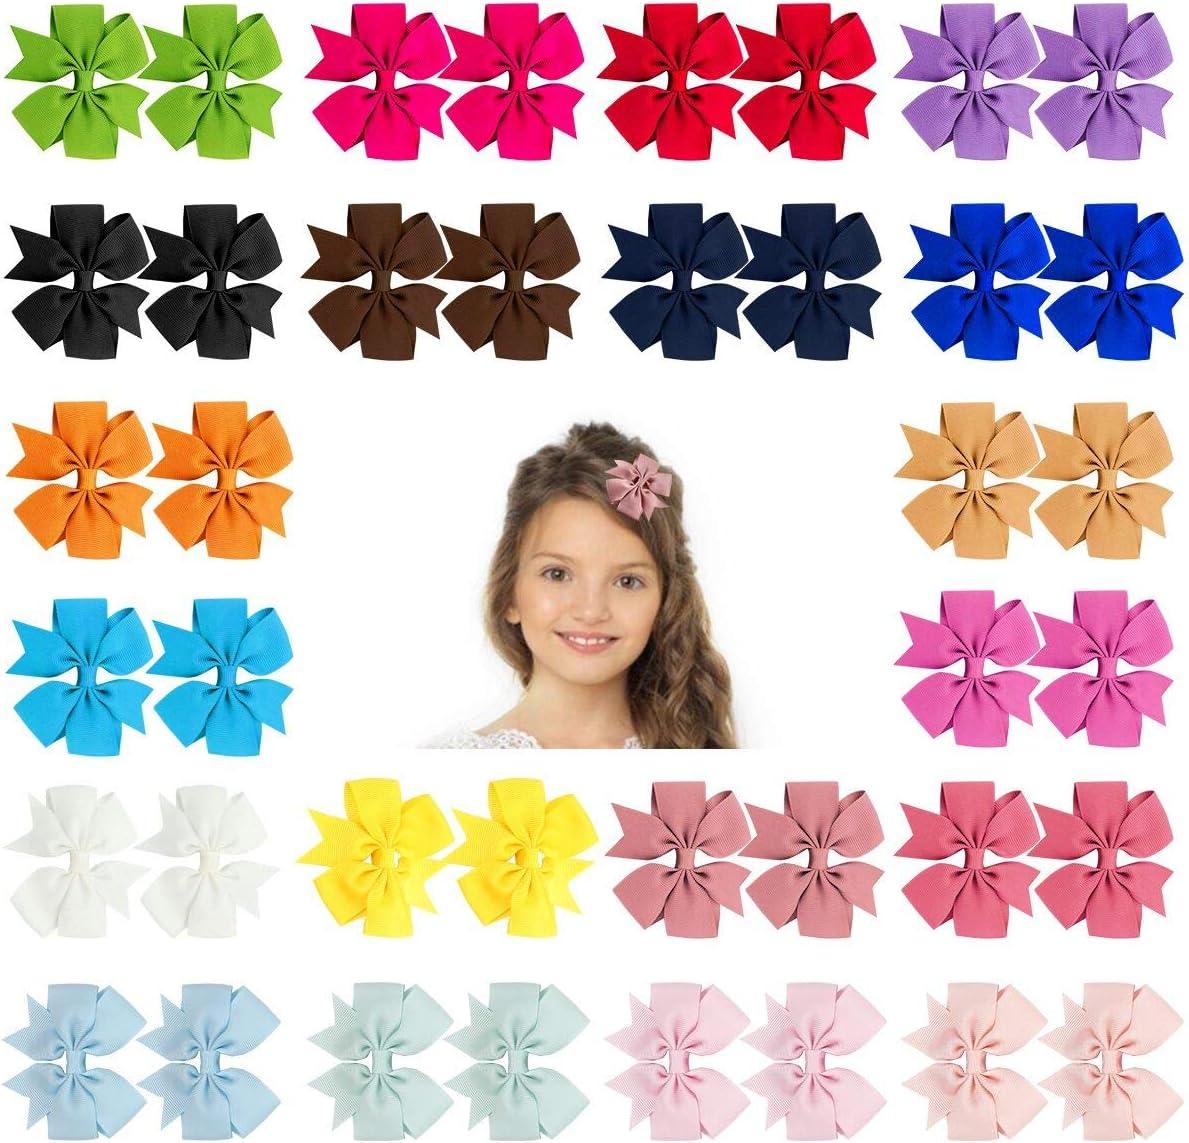 URAQT Lazos Pelo Niña, Lazos de Grogrén, Multicolor Clips Pelo, Clips de Pelo para Chica Horquillas Niña Bebé 40 Unidades